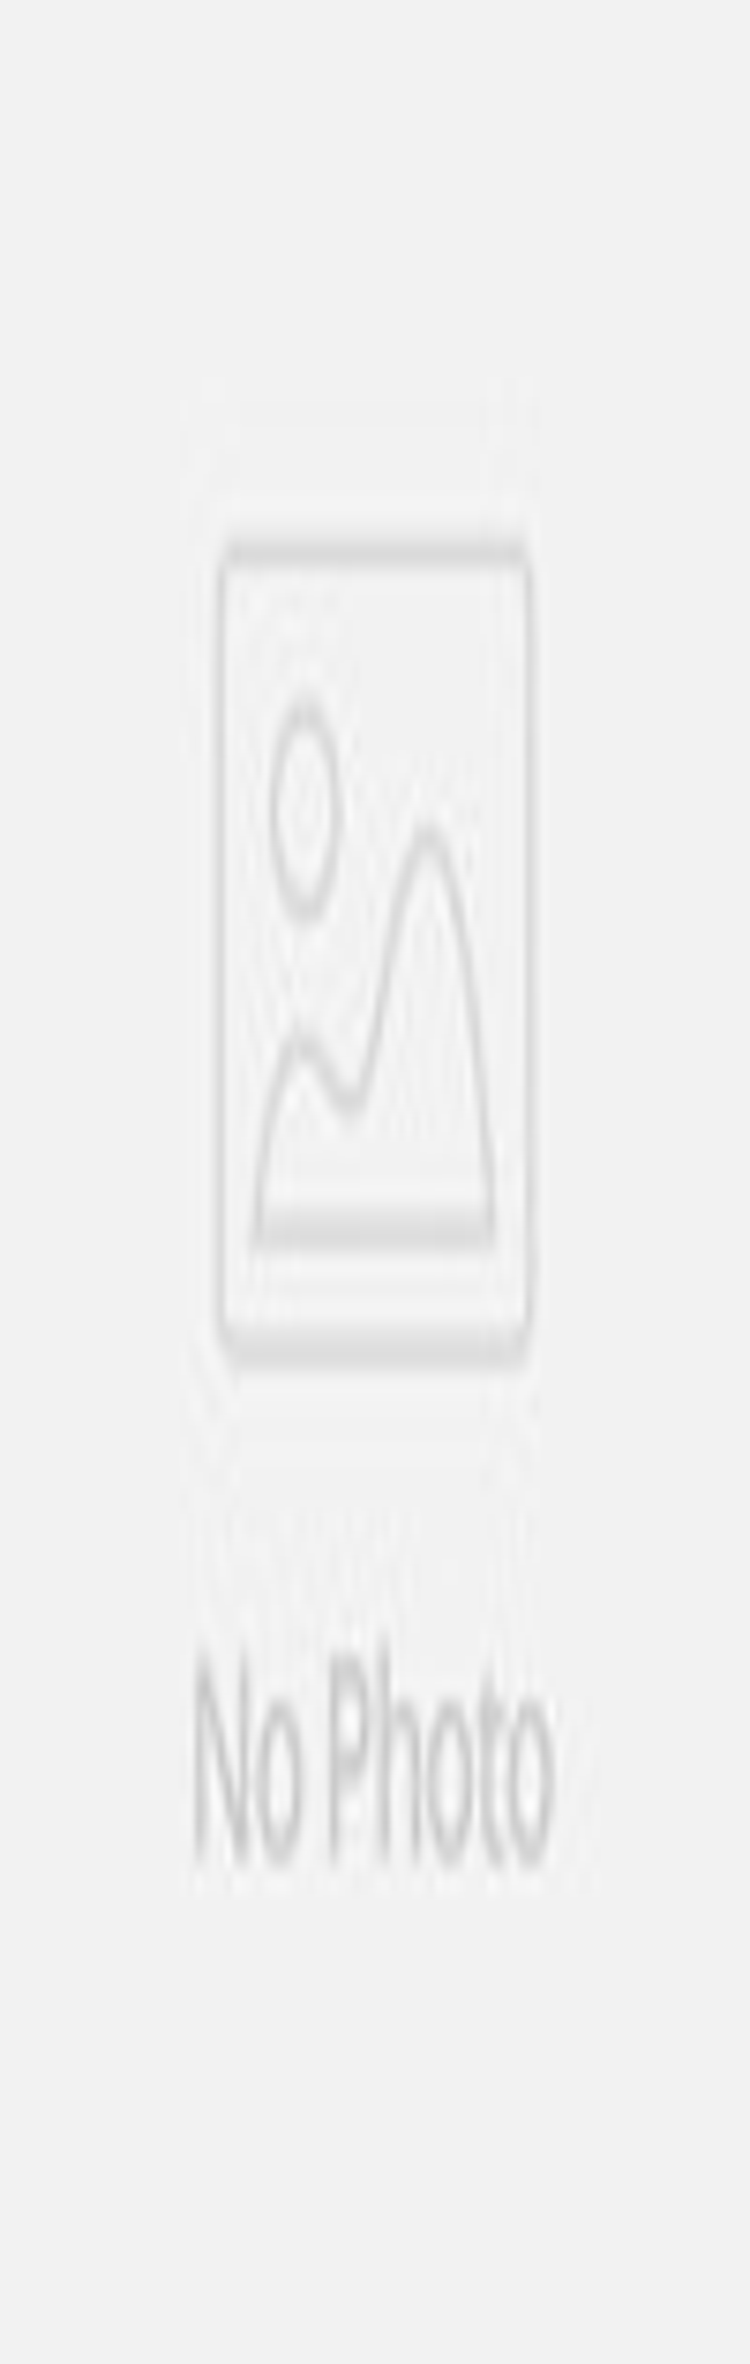 юлий горный хрусталь шику женская аналоговый кварцевые часы с кожаным ремешком цветок женская платье наручные часы